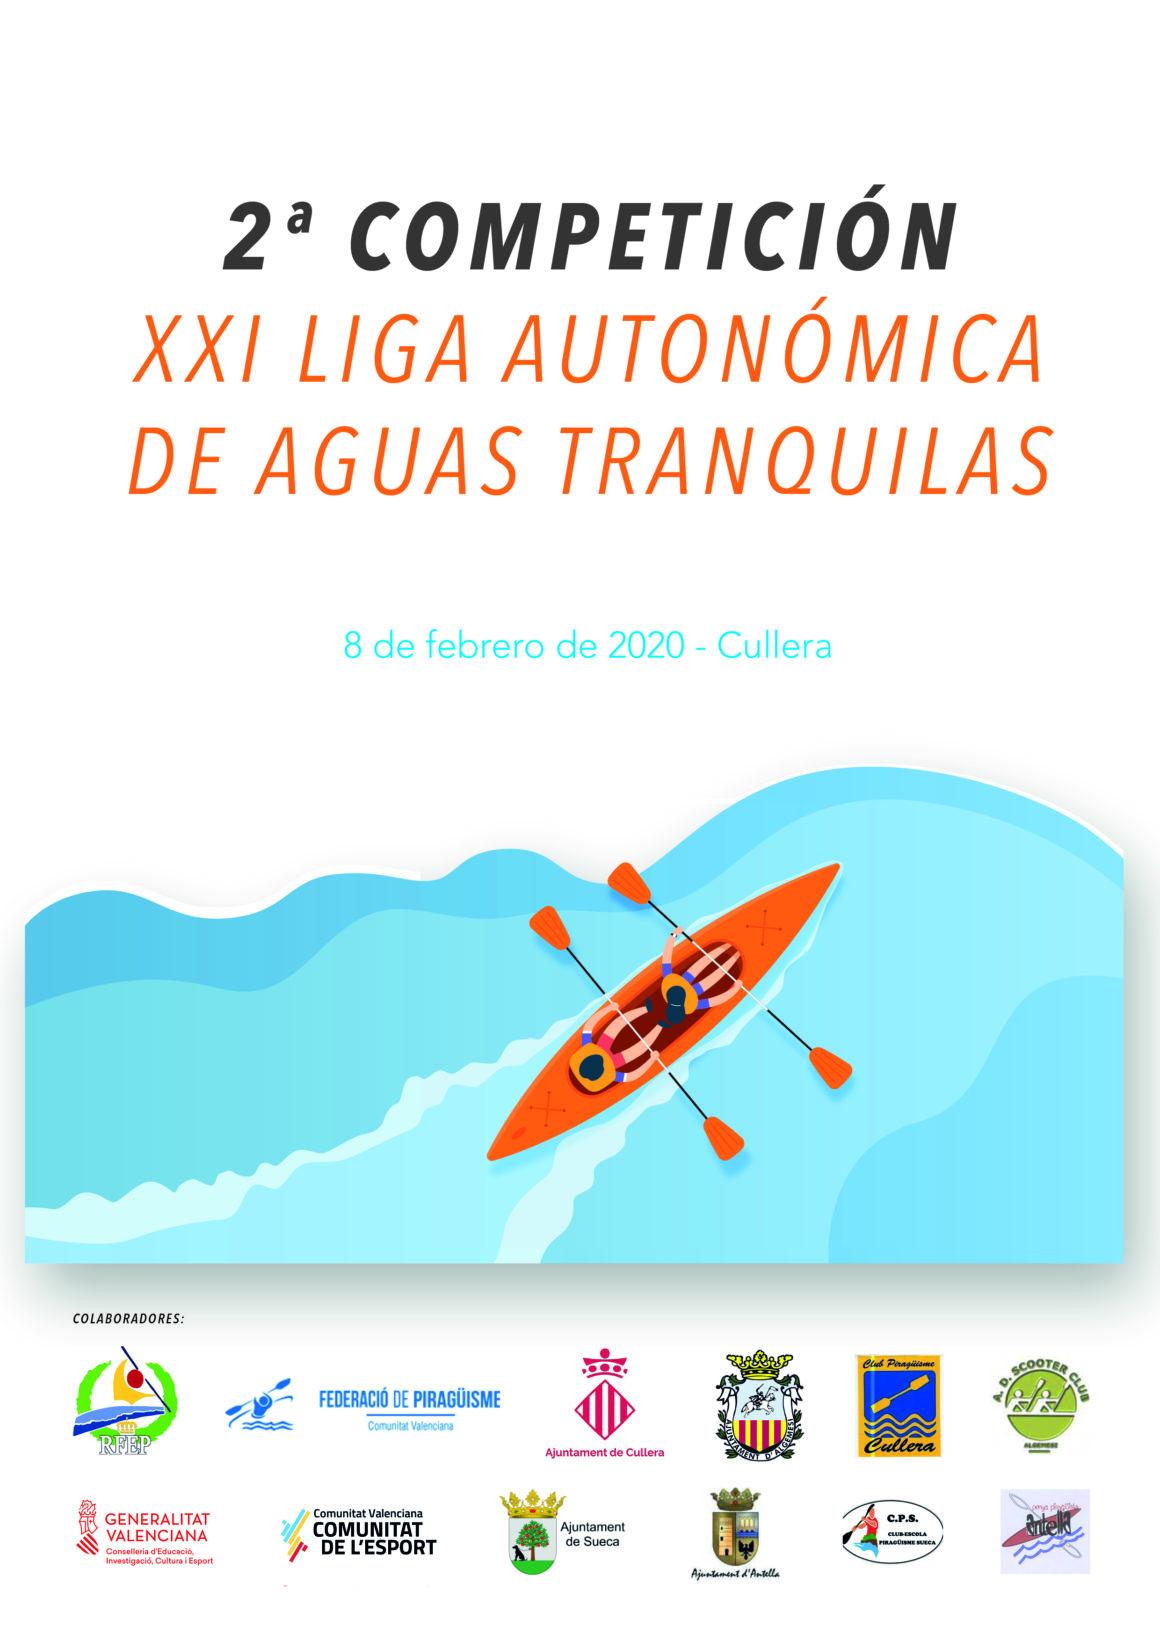 Algemesí y Cullera acogen las primeras jornadas de la Liga Autonómica de invierno de aguas tranquilas